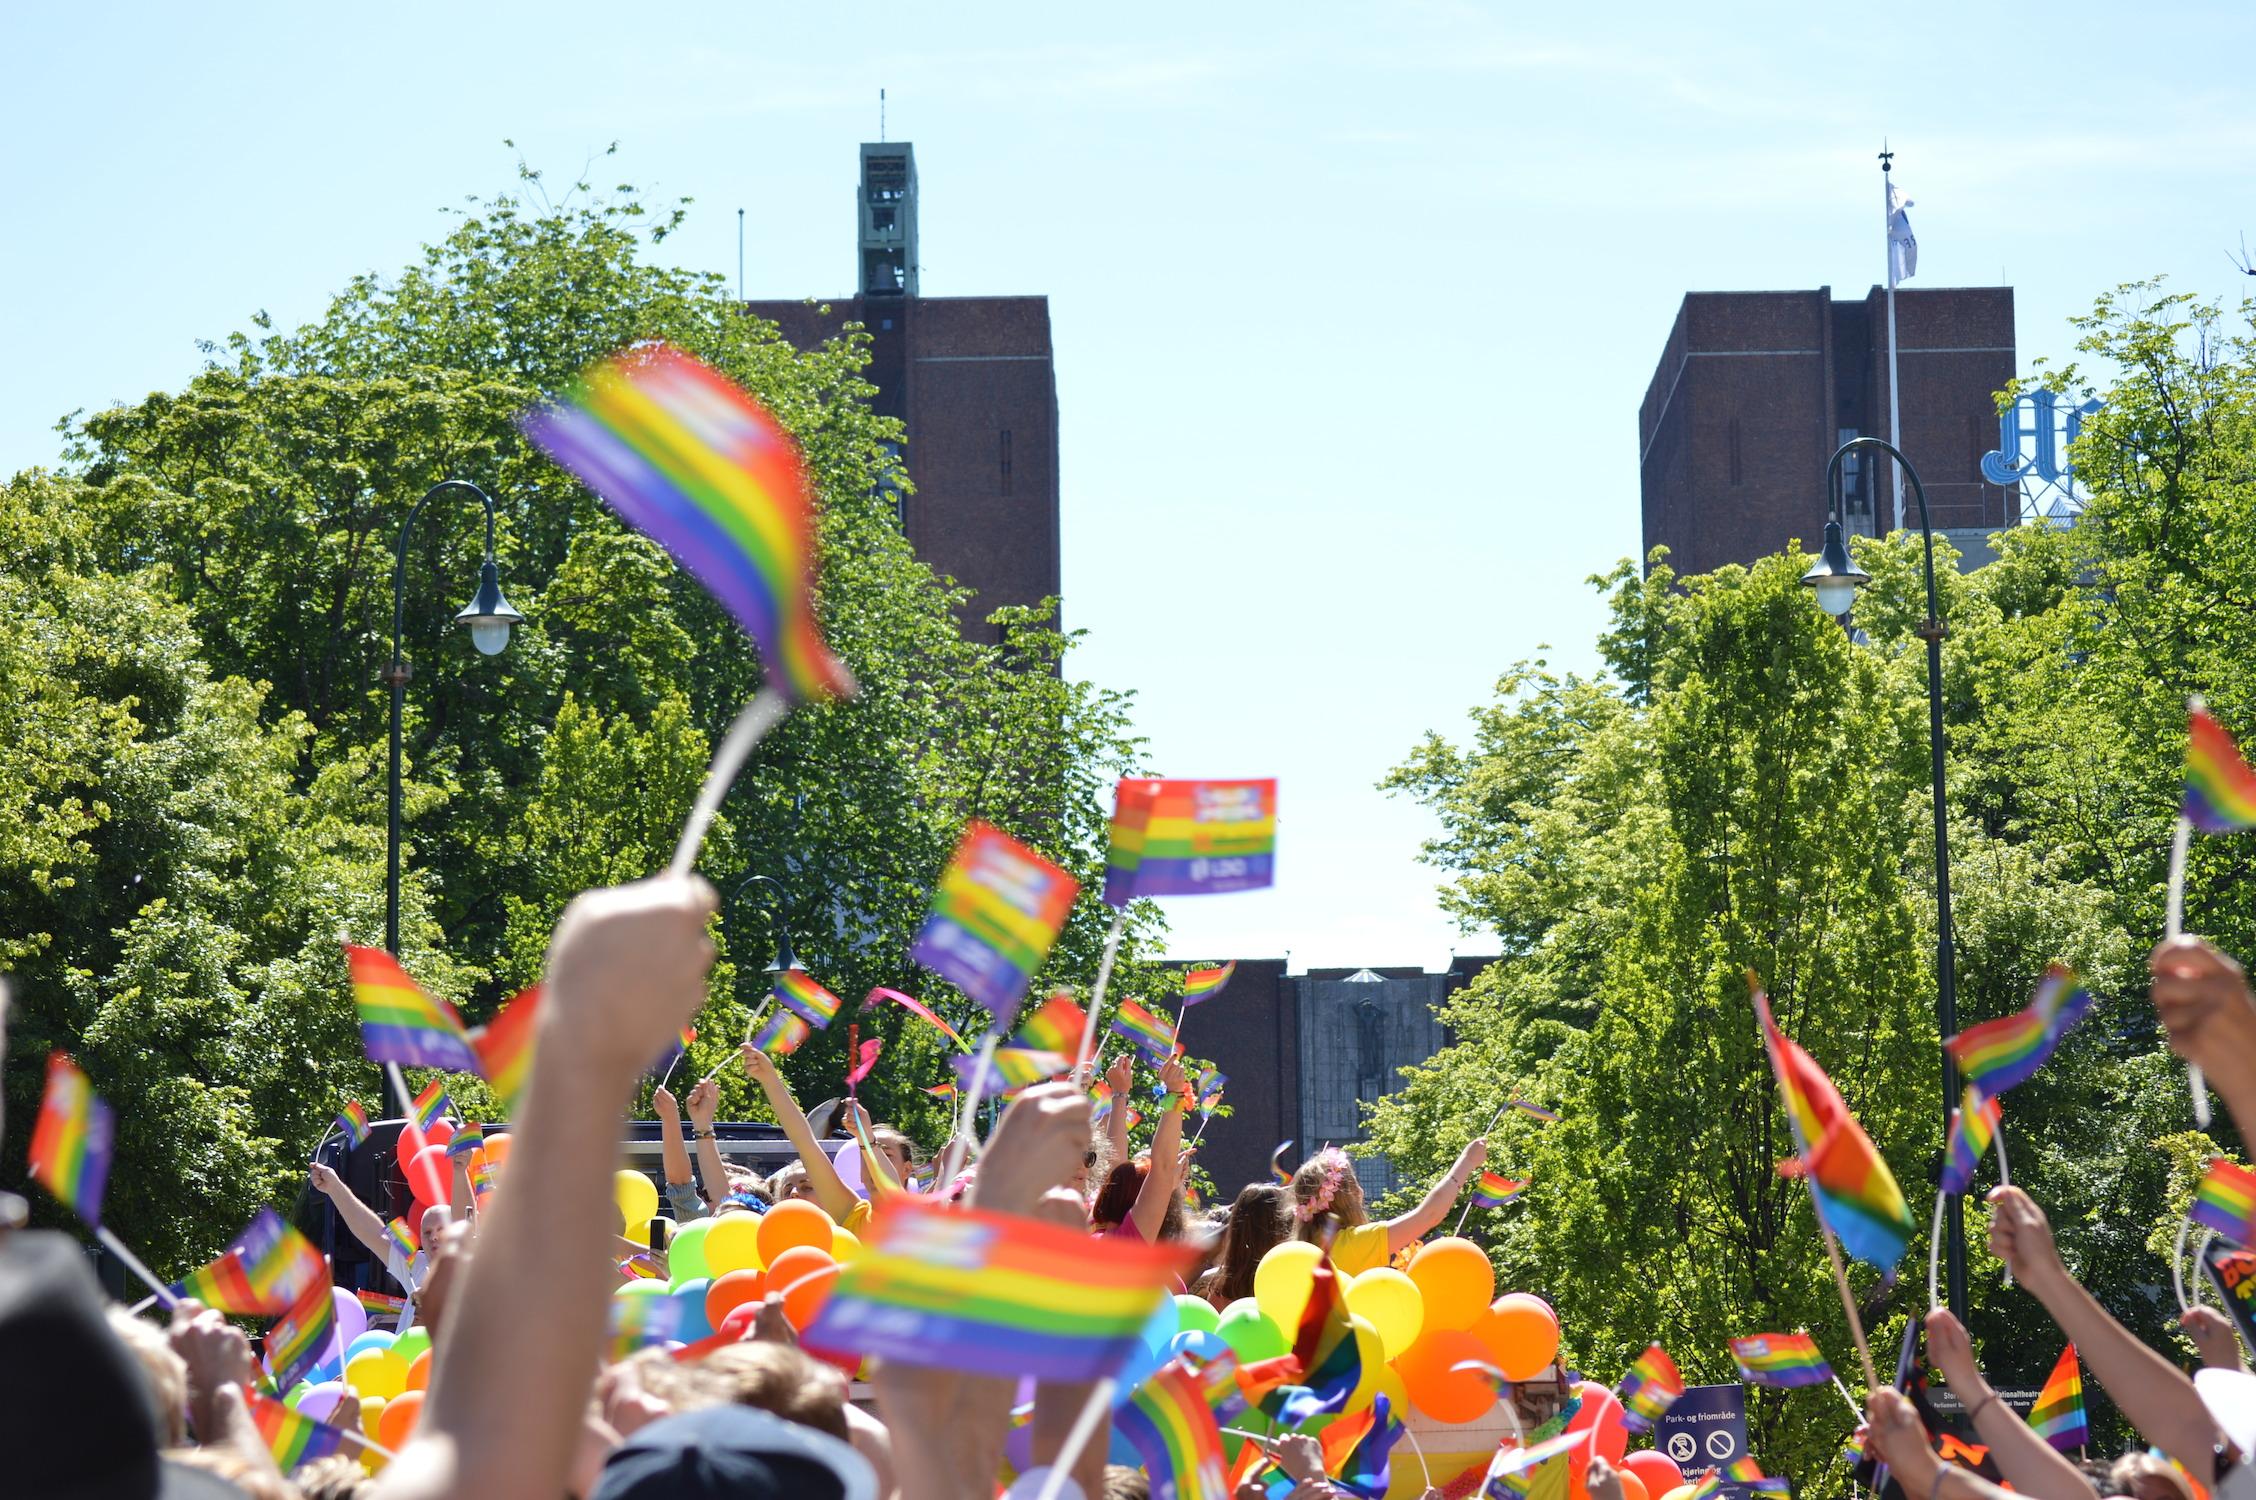 Oslo-Pride-Parade-2015-5